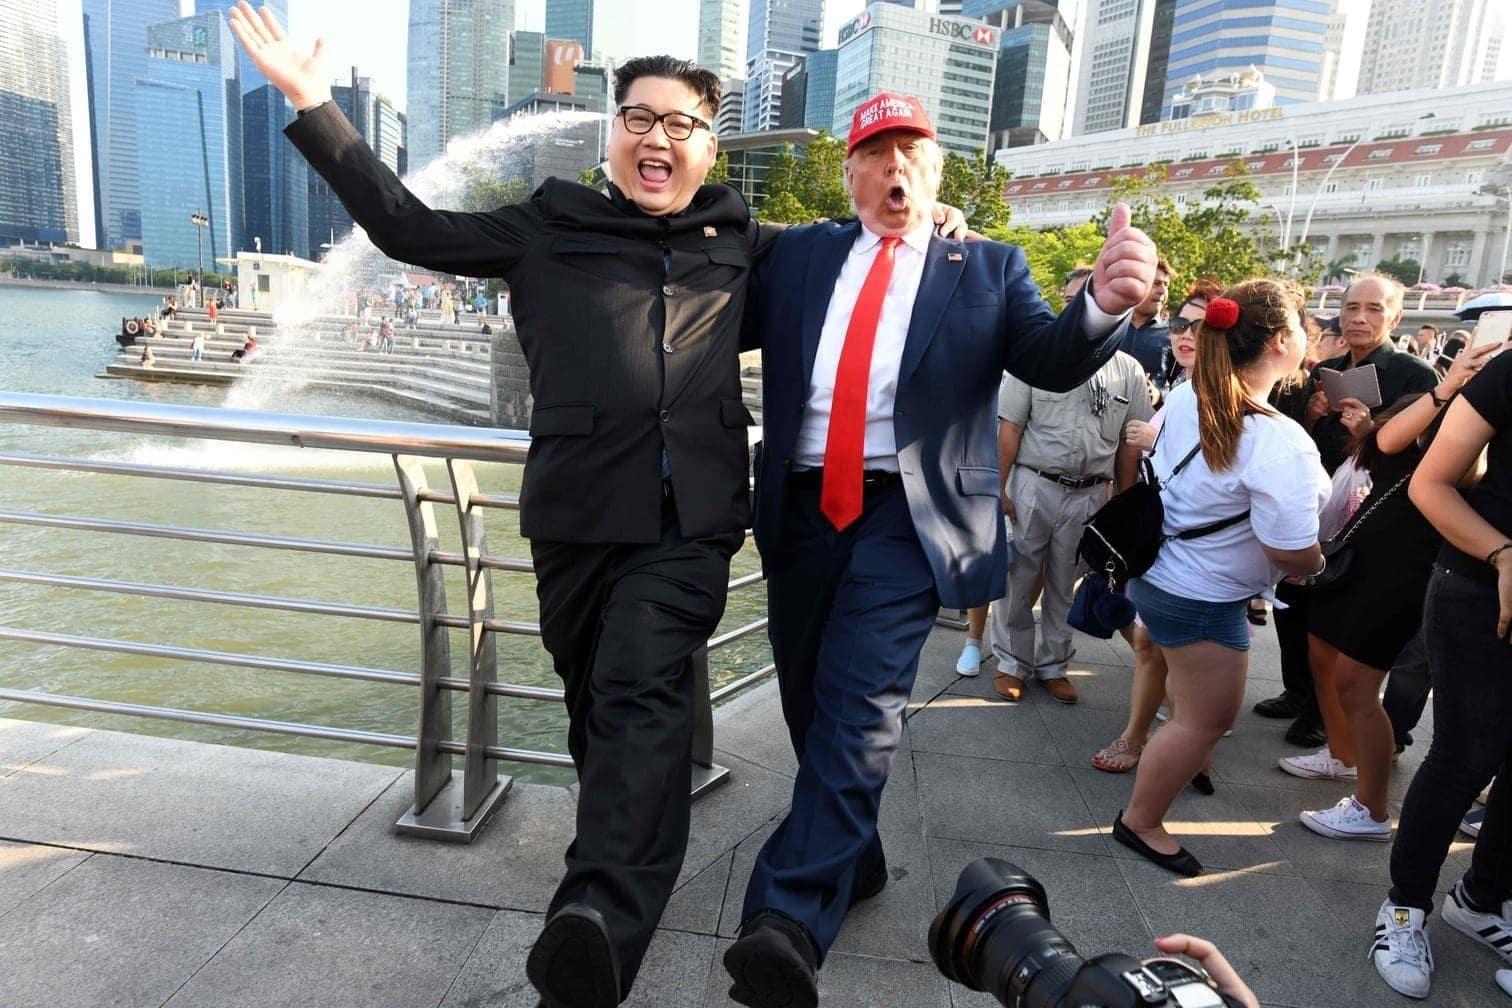 <p>Der US-Amerikaner Dennis Alan als Trump und der Australier &bdquo;Howard X&ldquo; als Kim spazierten am Freitag Hand in Hand über die Hafenpromenade.</p> Foto: AFP